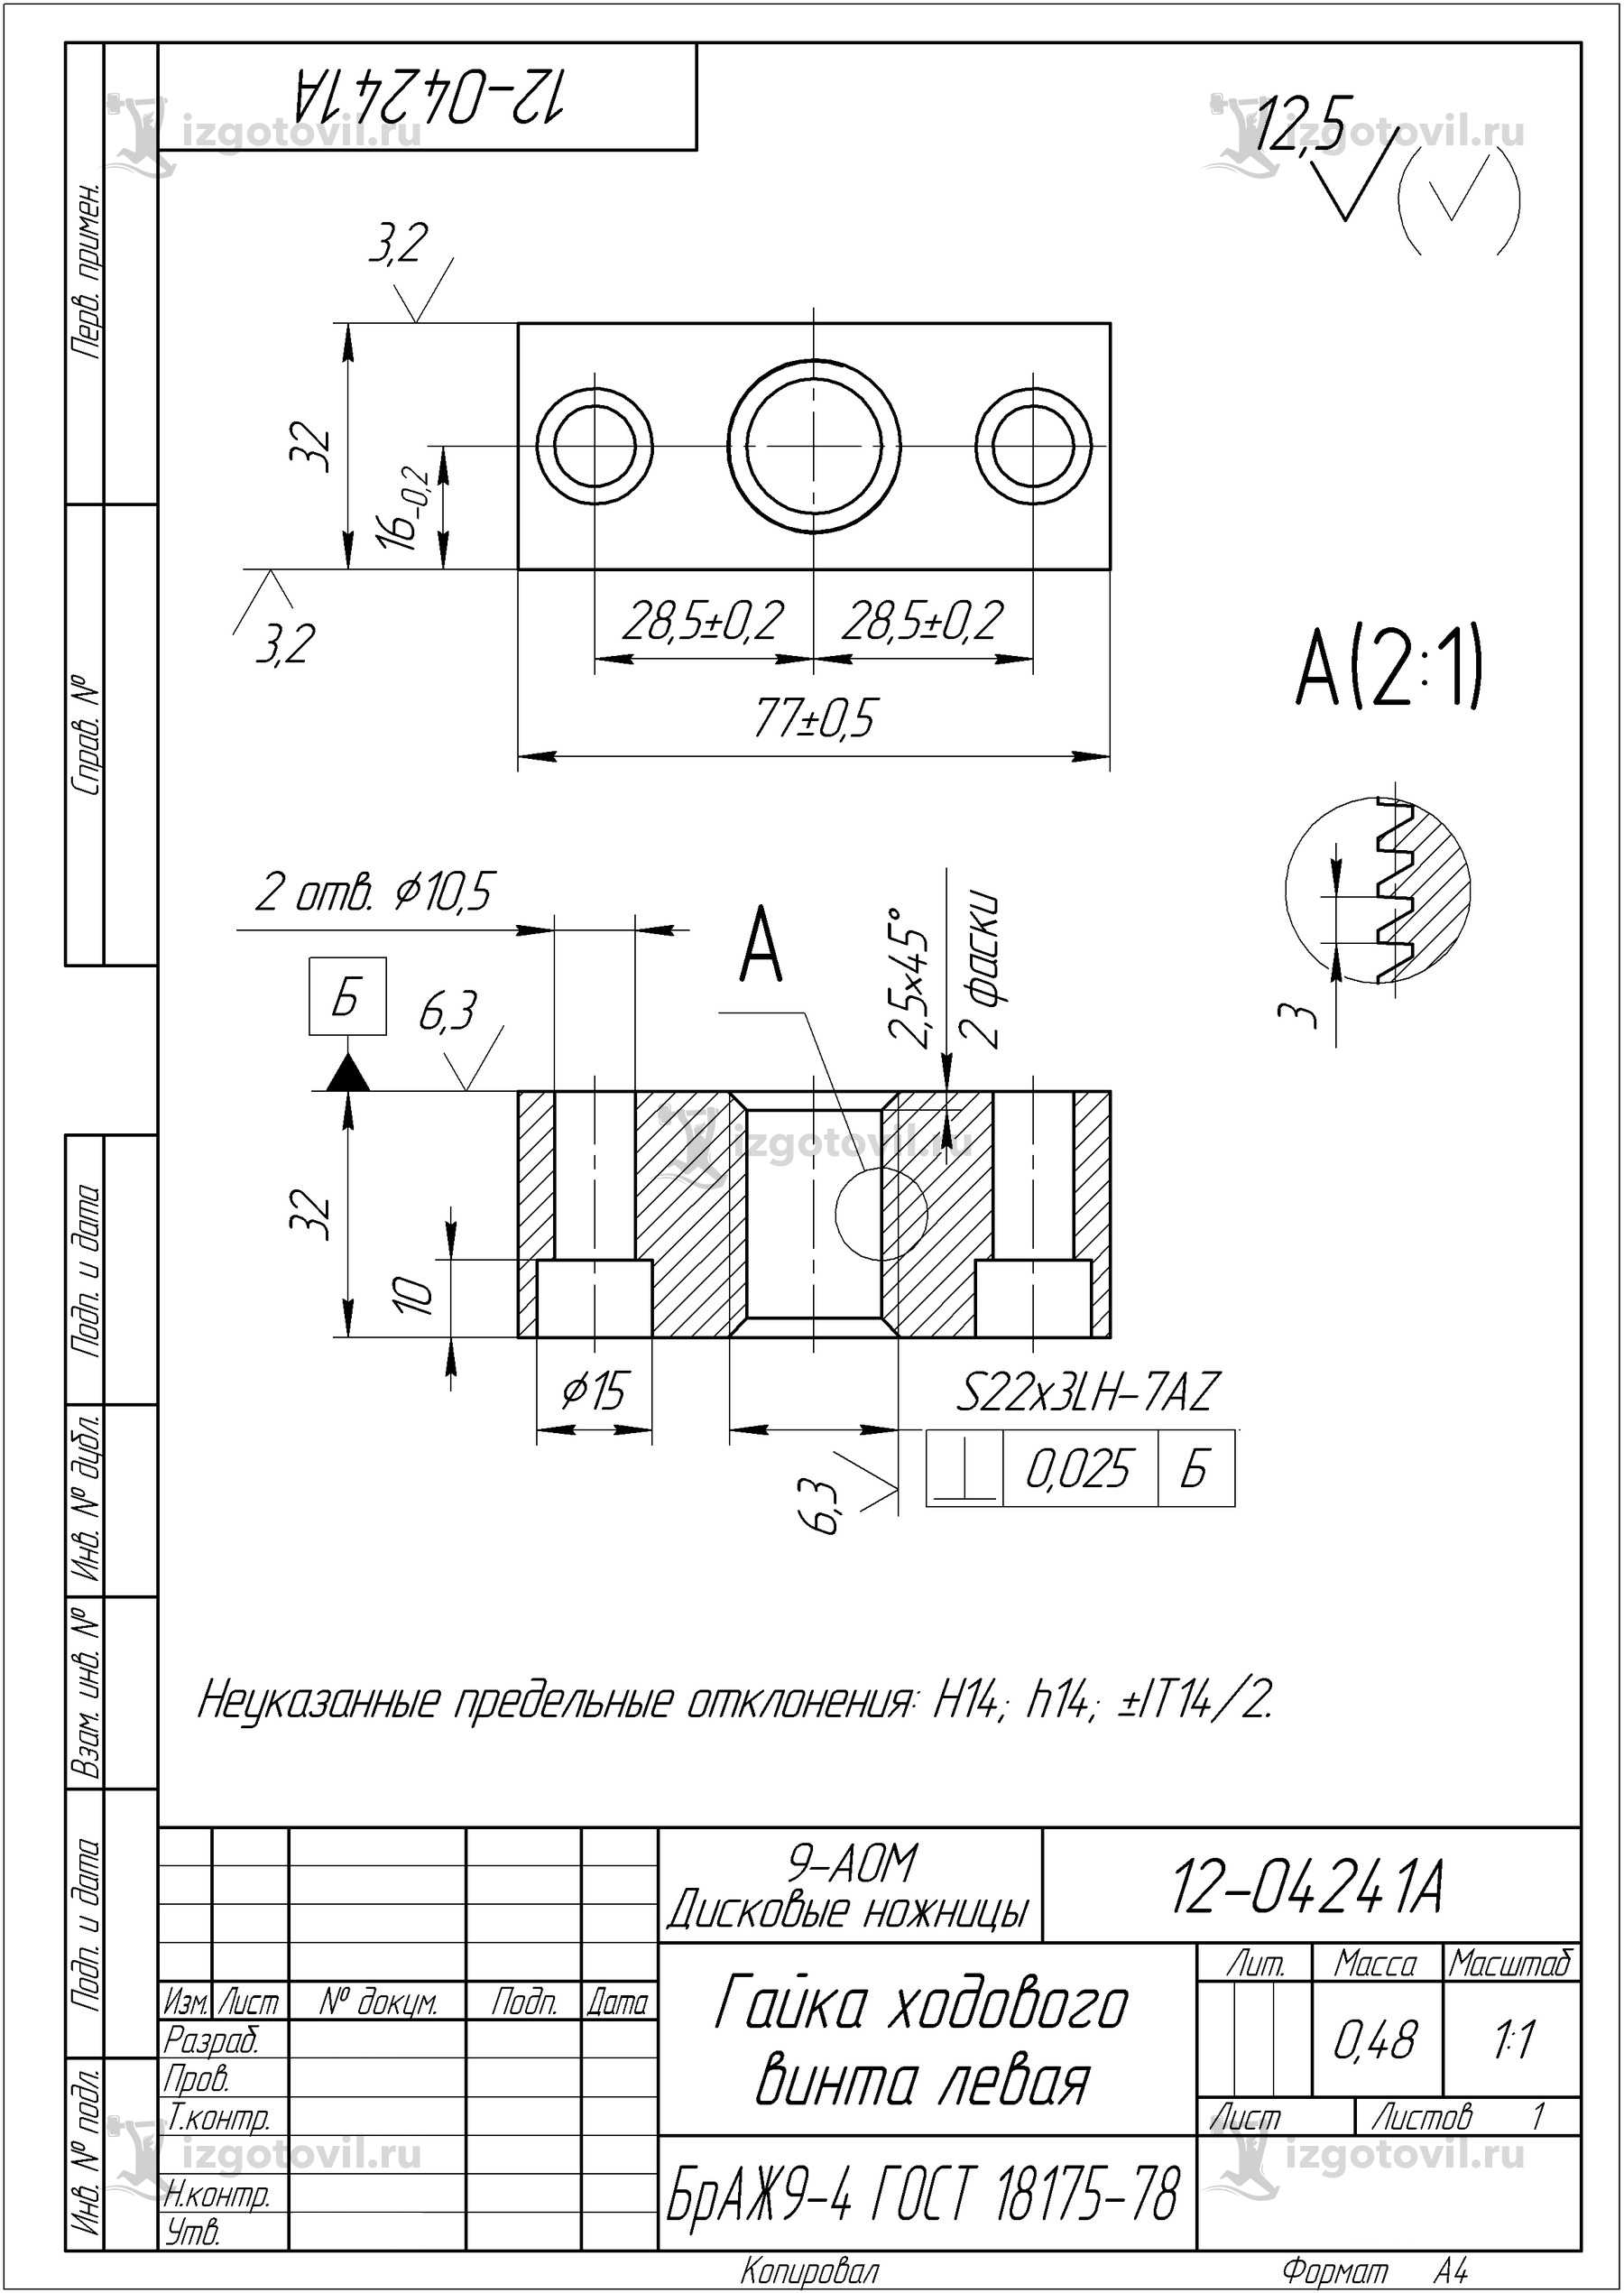 Токарно-фрезерная обработка: изготовление винтов и гаек